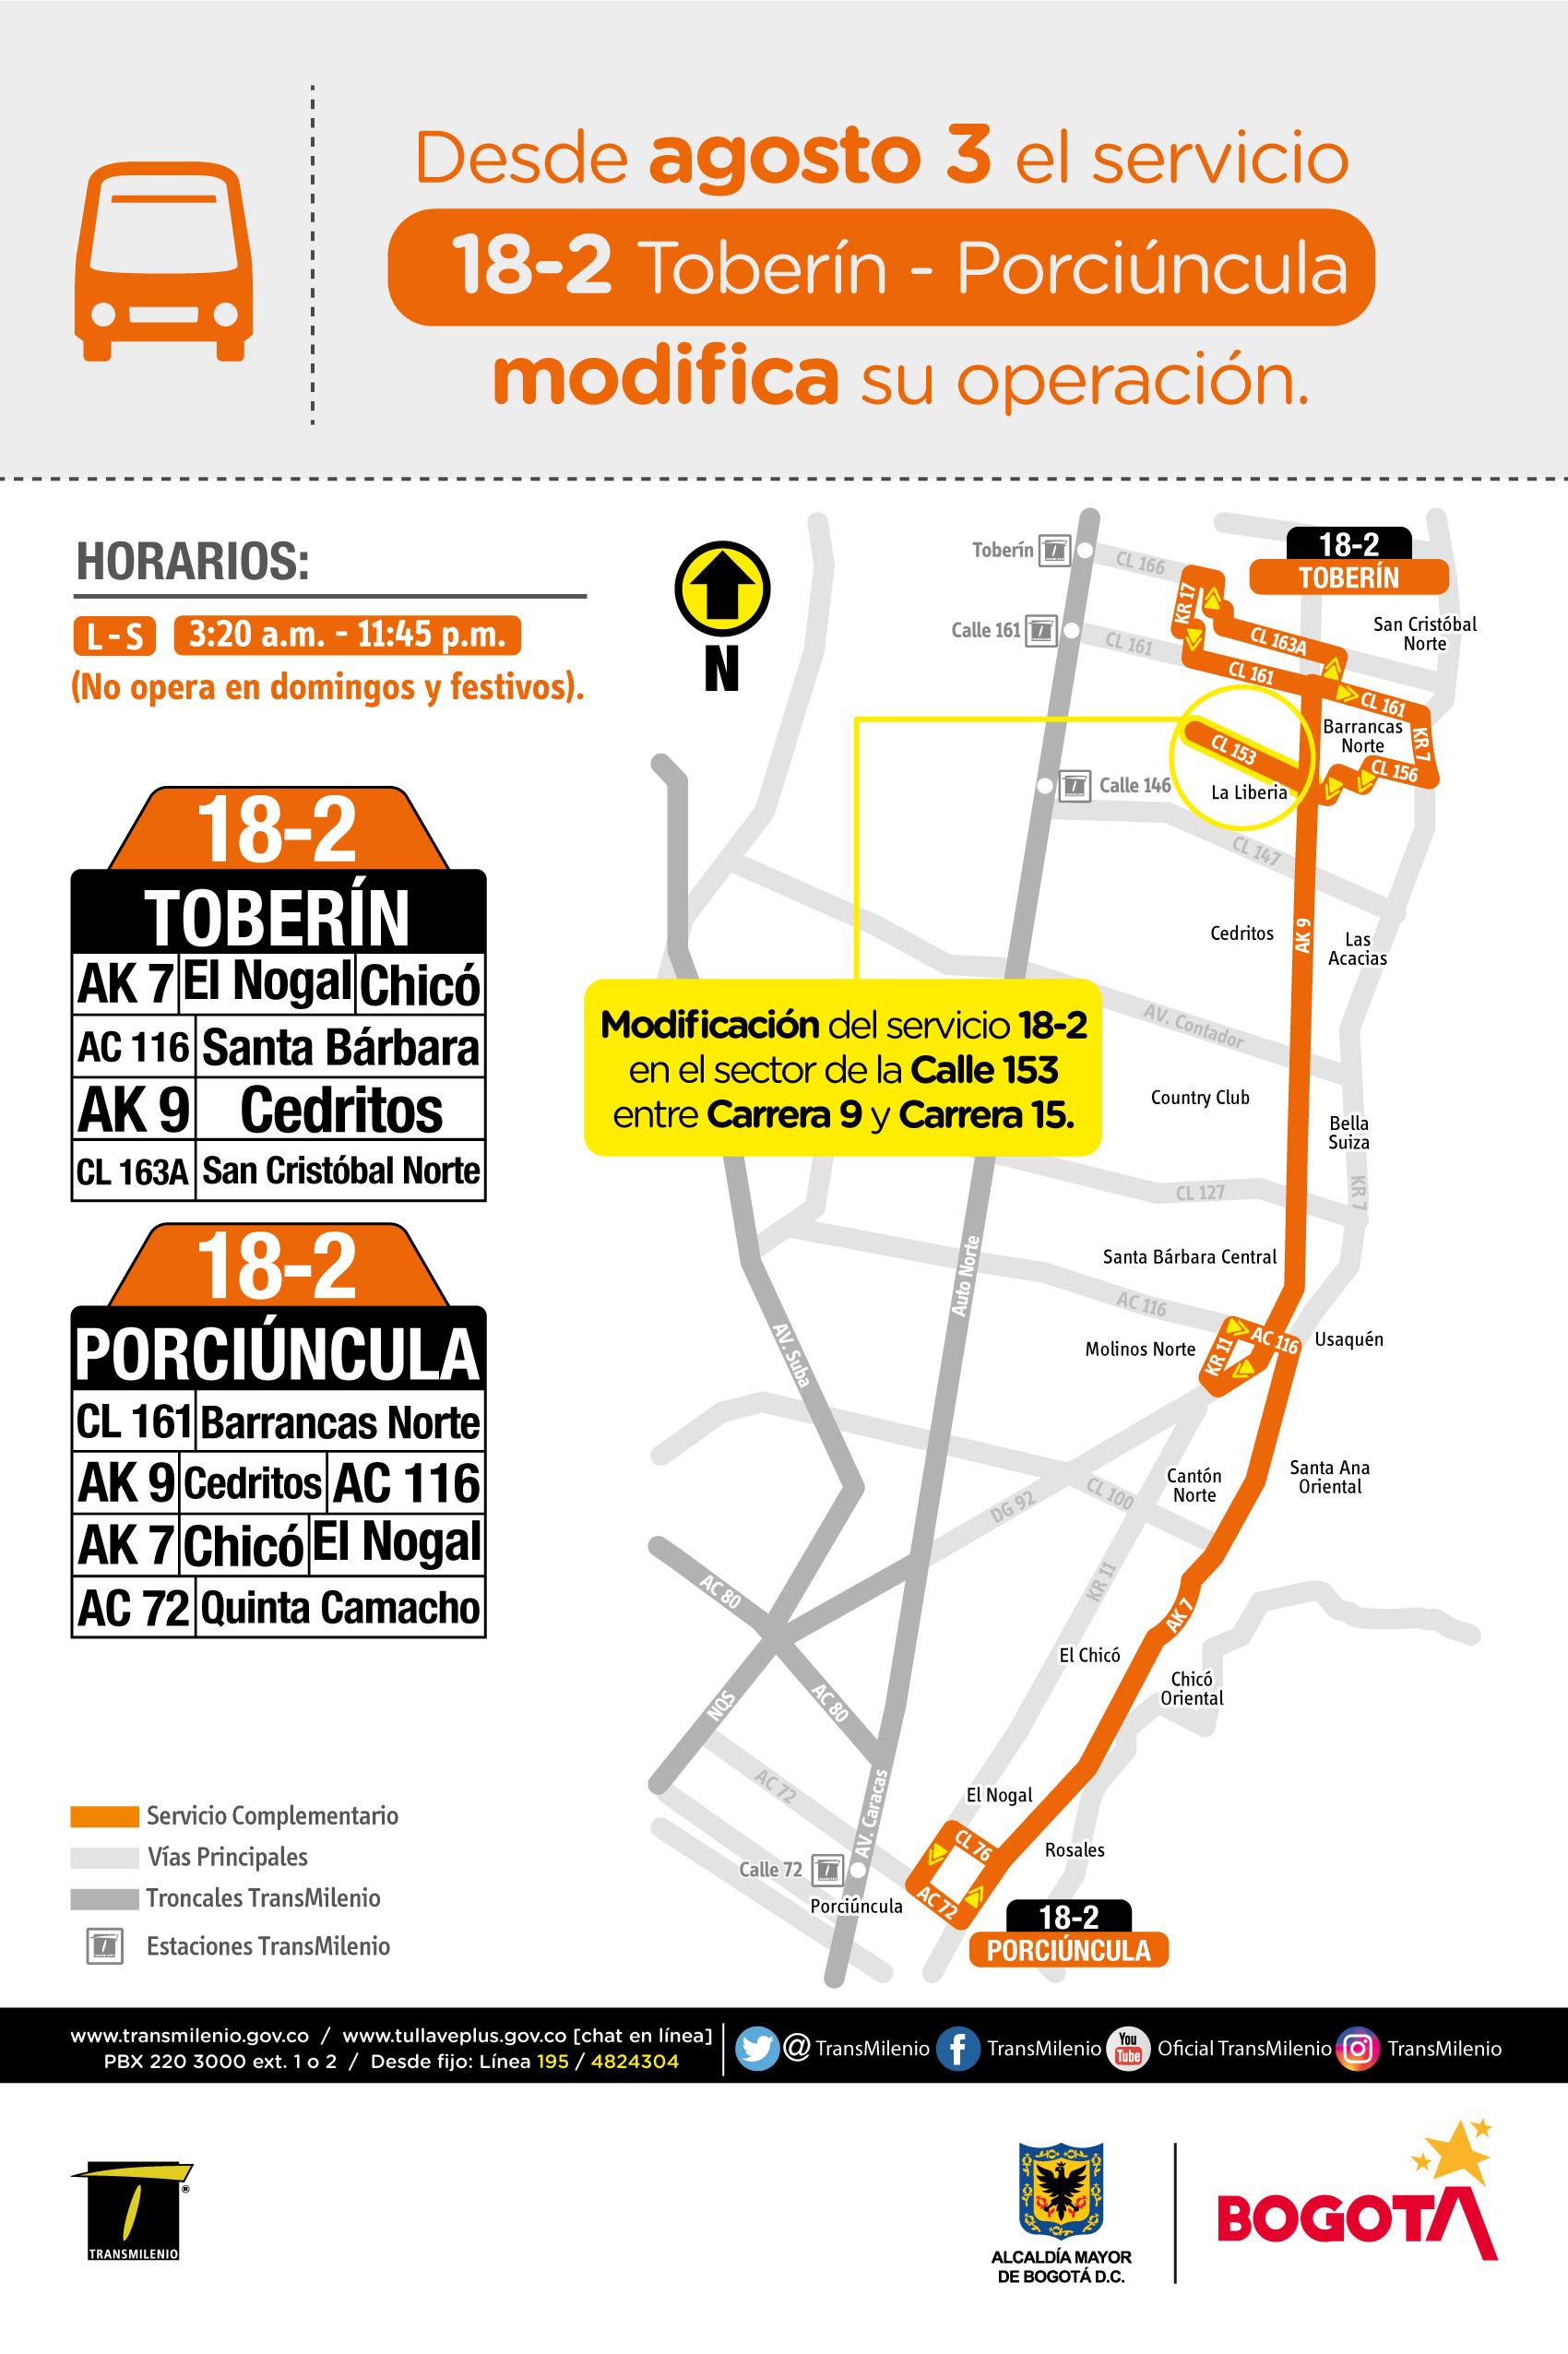 Mapa de la ruta complementaria 18-2